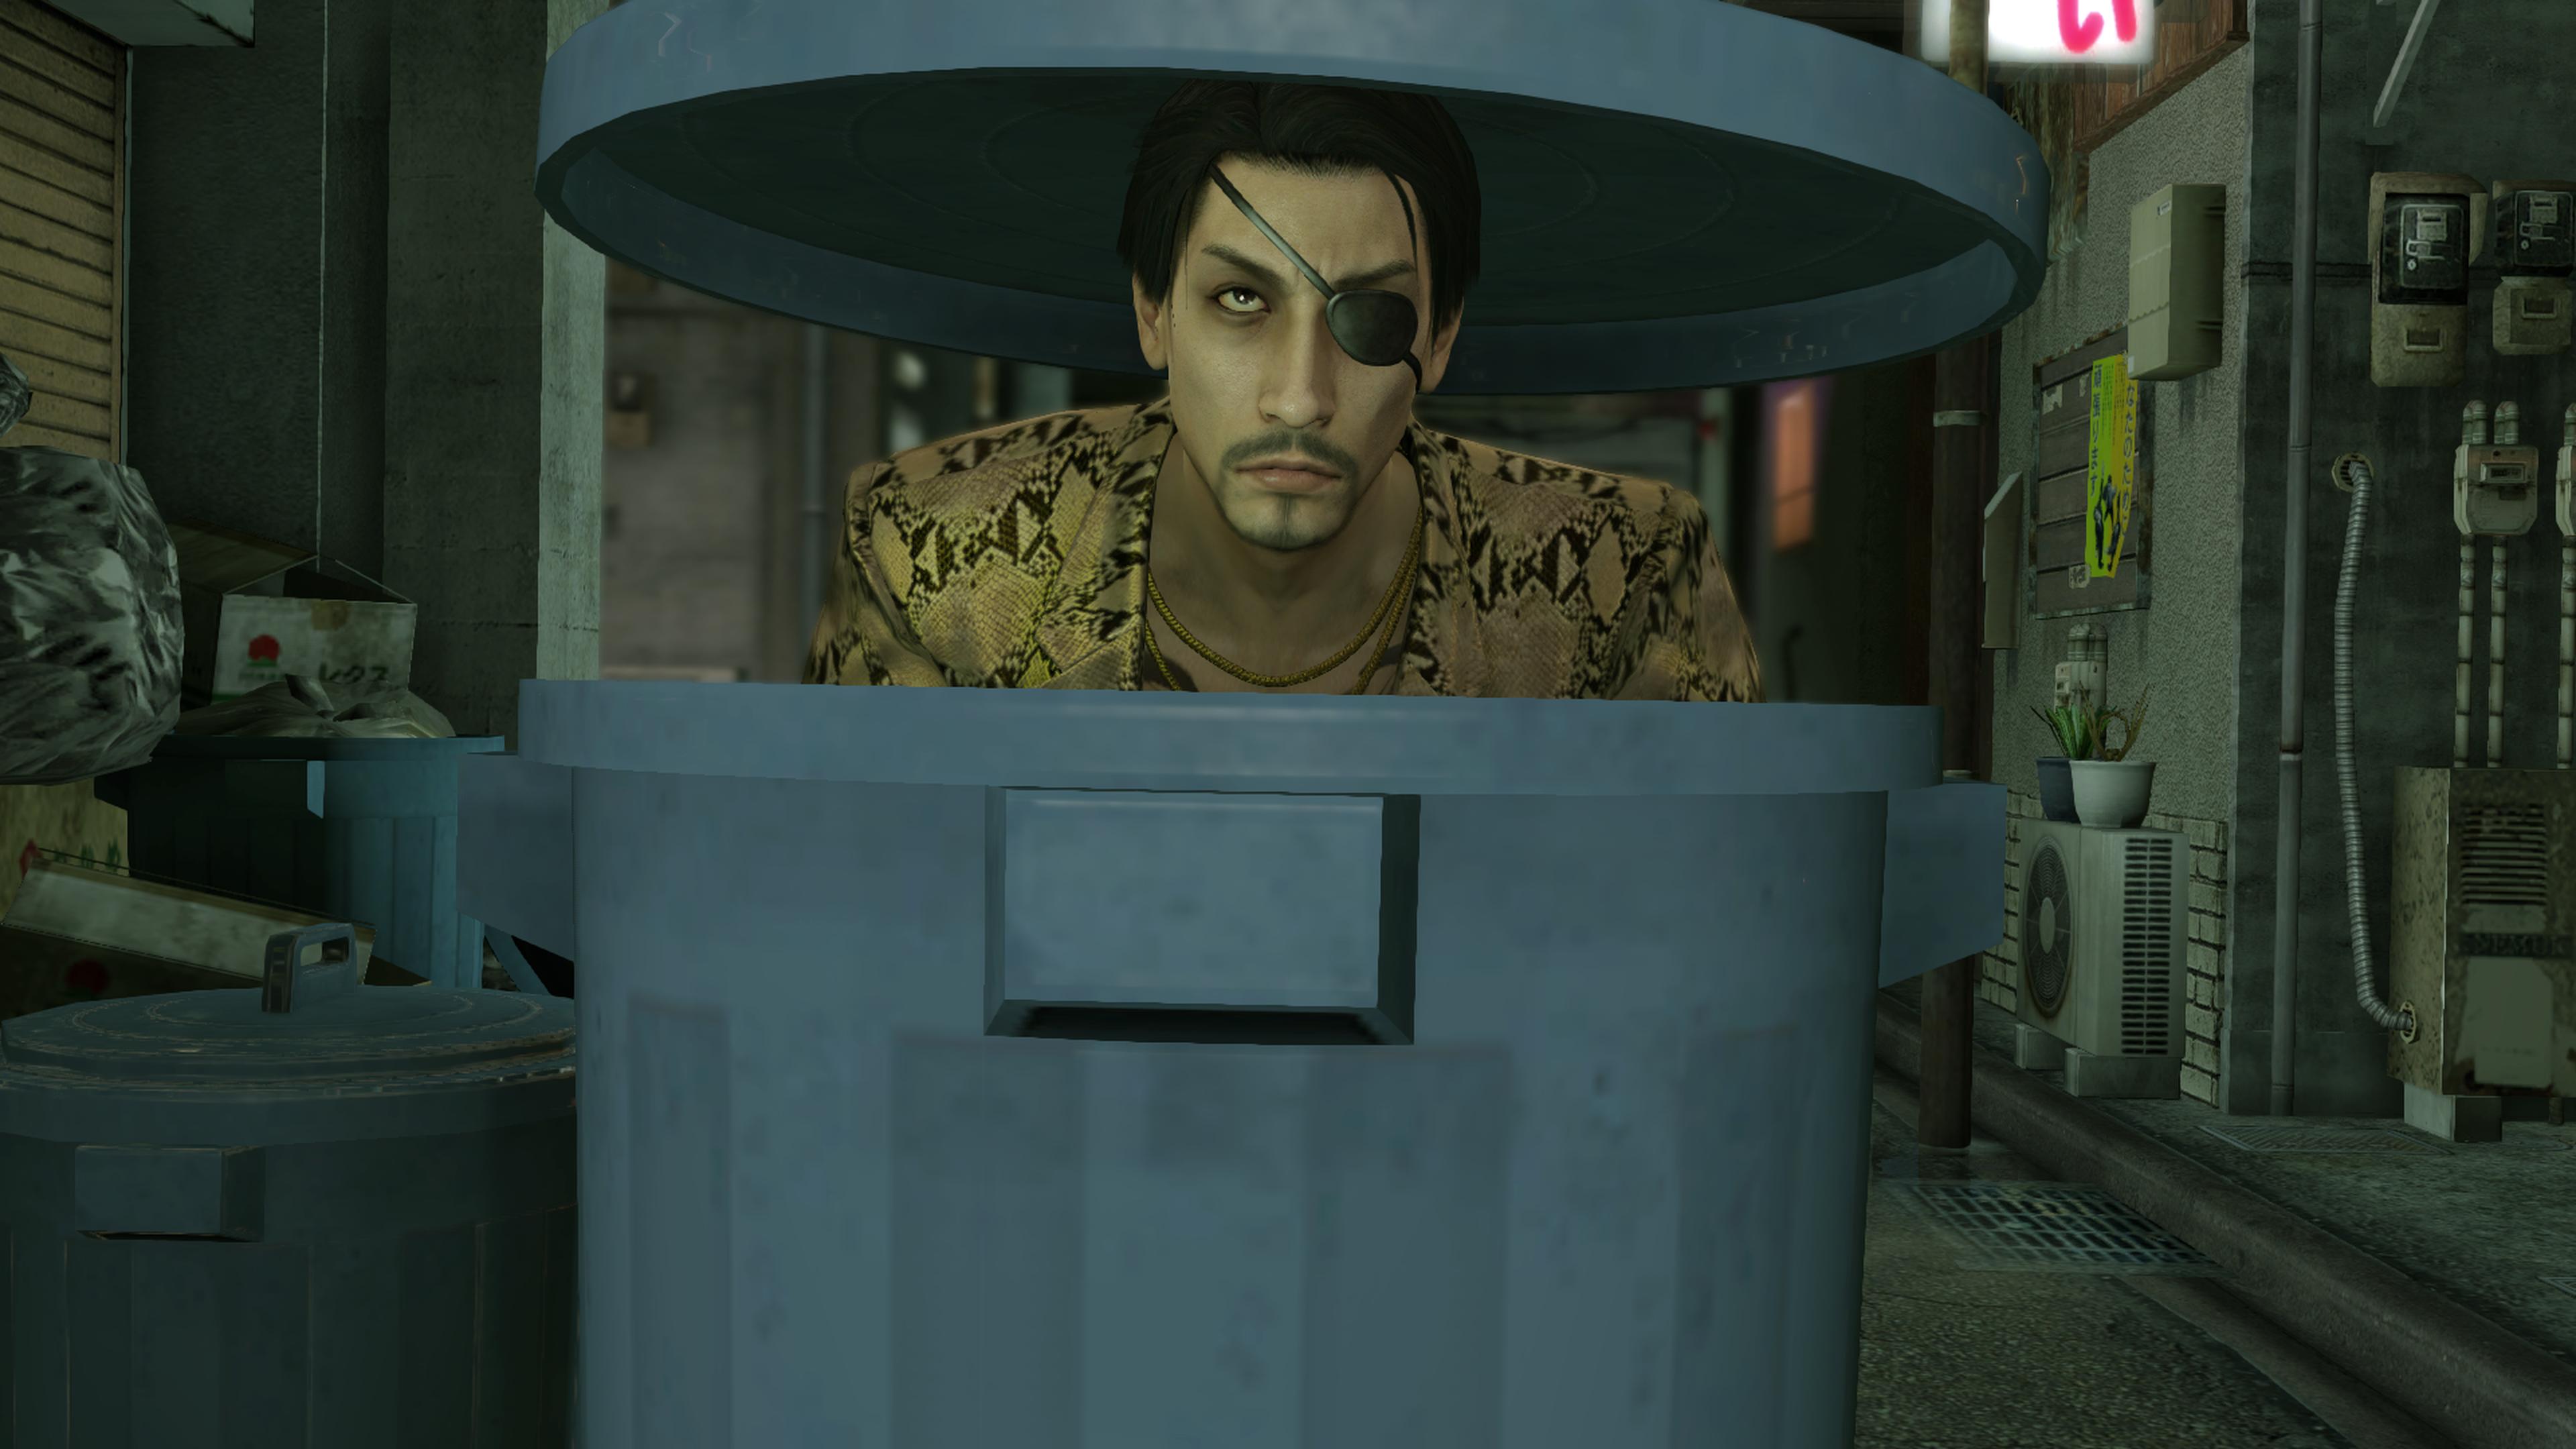 Yakuza Trash Can